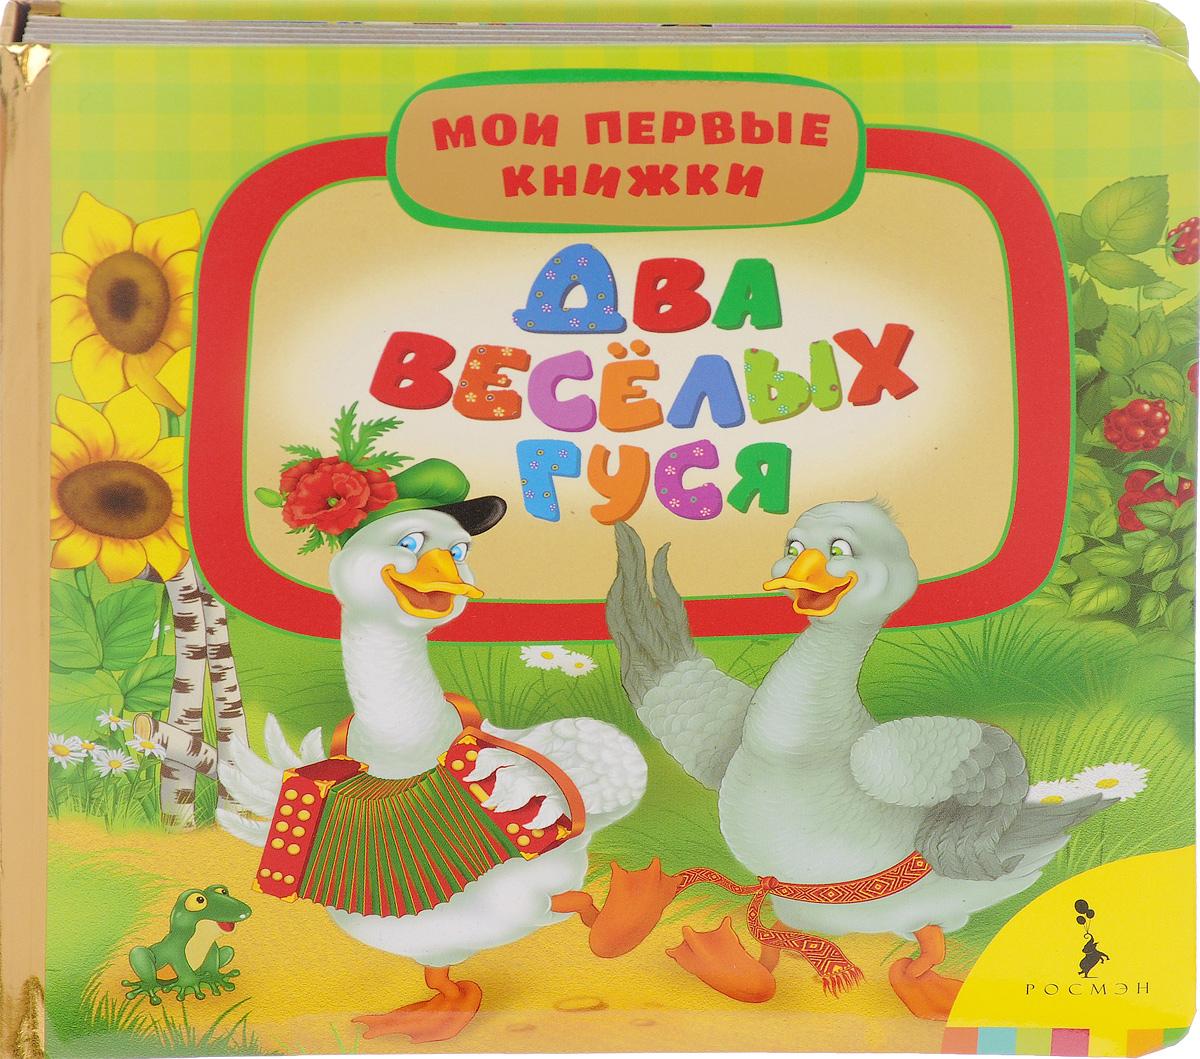 Веселые гуси картинки для детей